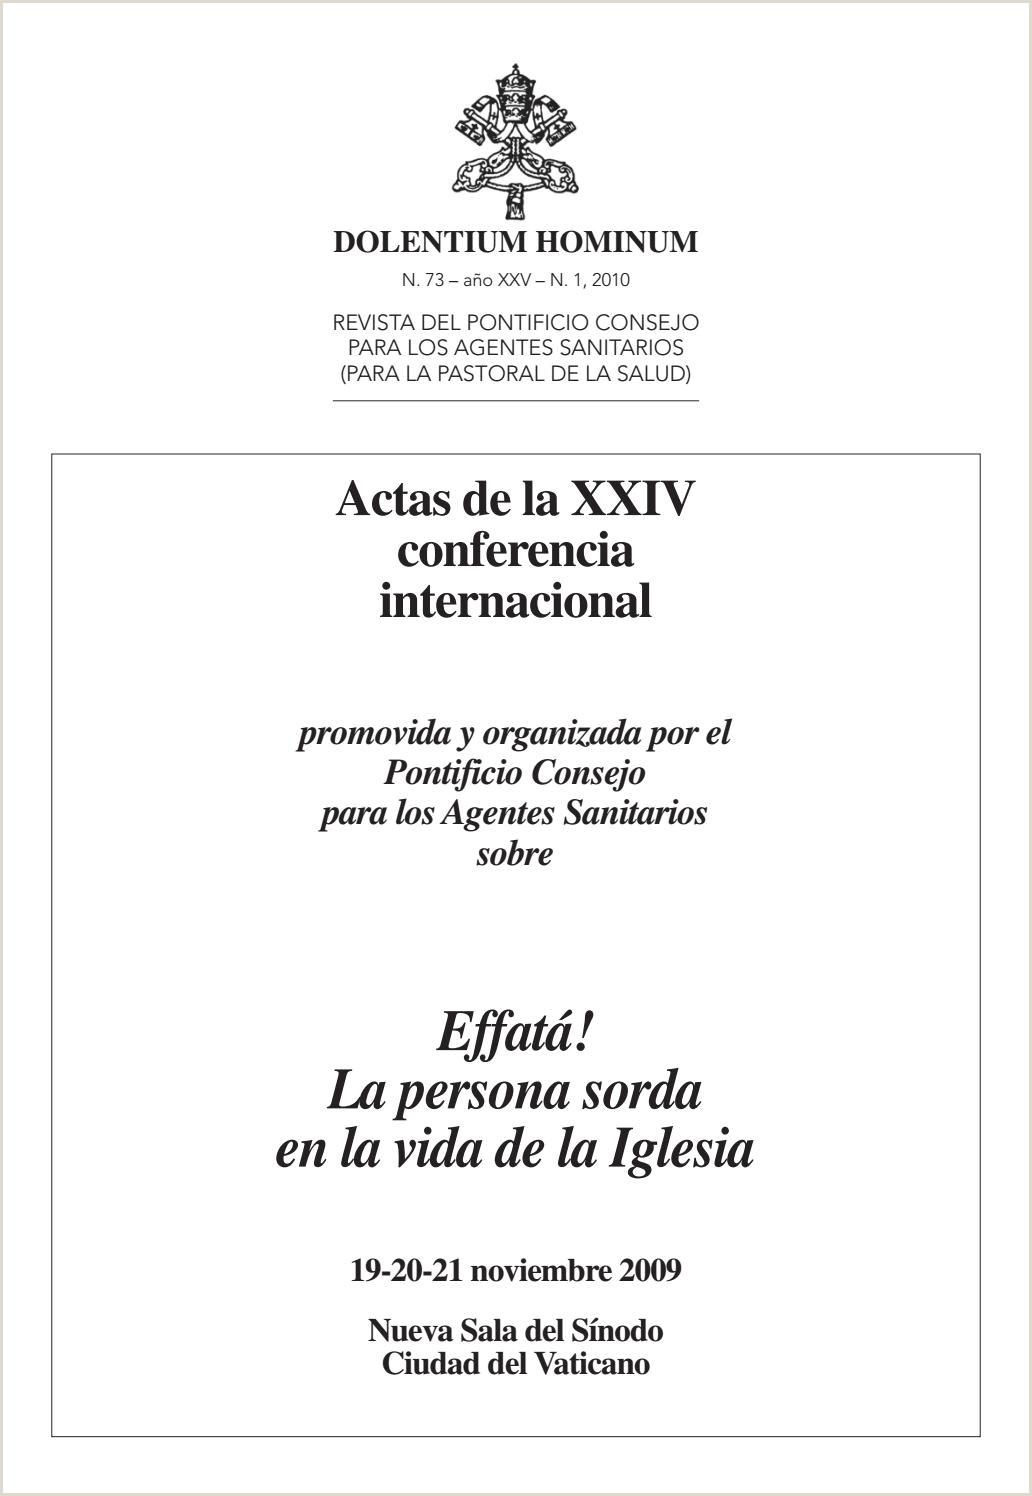 Hoja De Vida Minerva Llena Conferencia Internacional La Persona sorda En La Vida De La